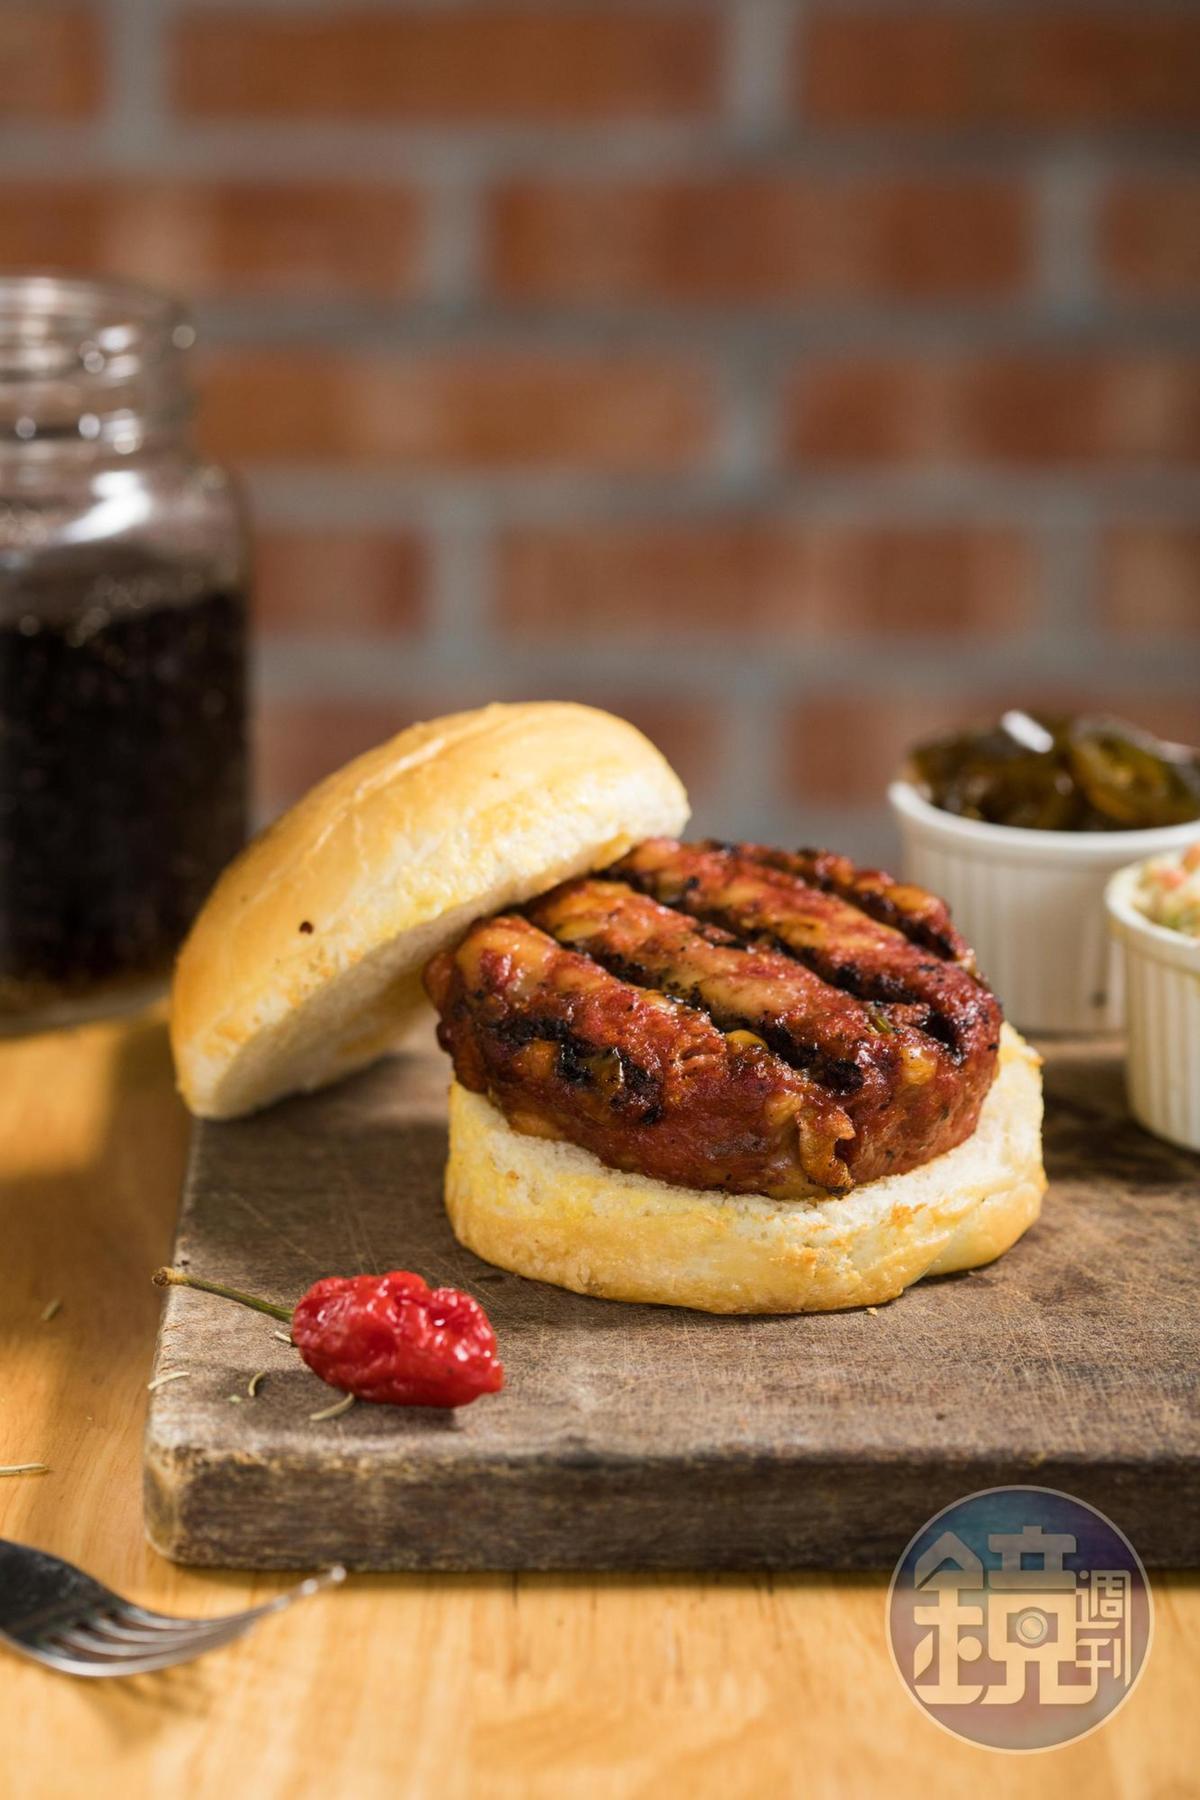 外型樸素的「美式煙燻厚肉餅堡」,大口咬很療癒。(200元/份)